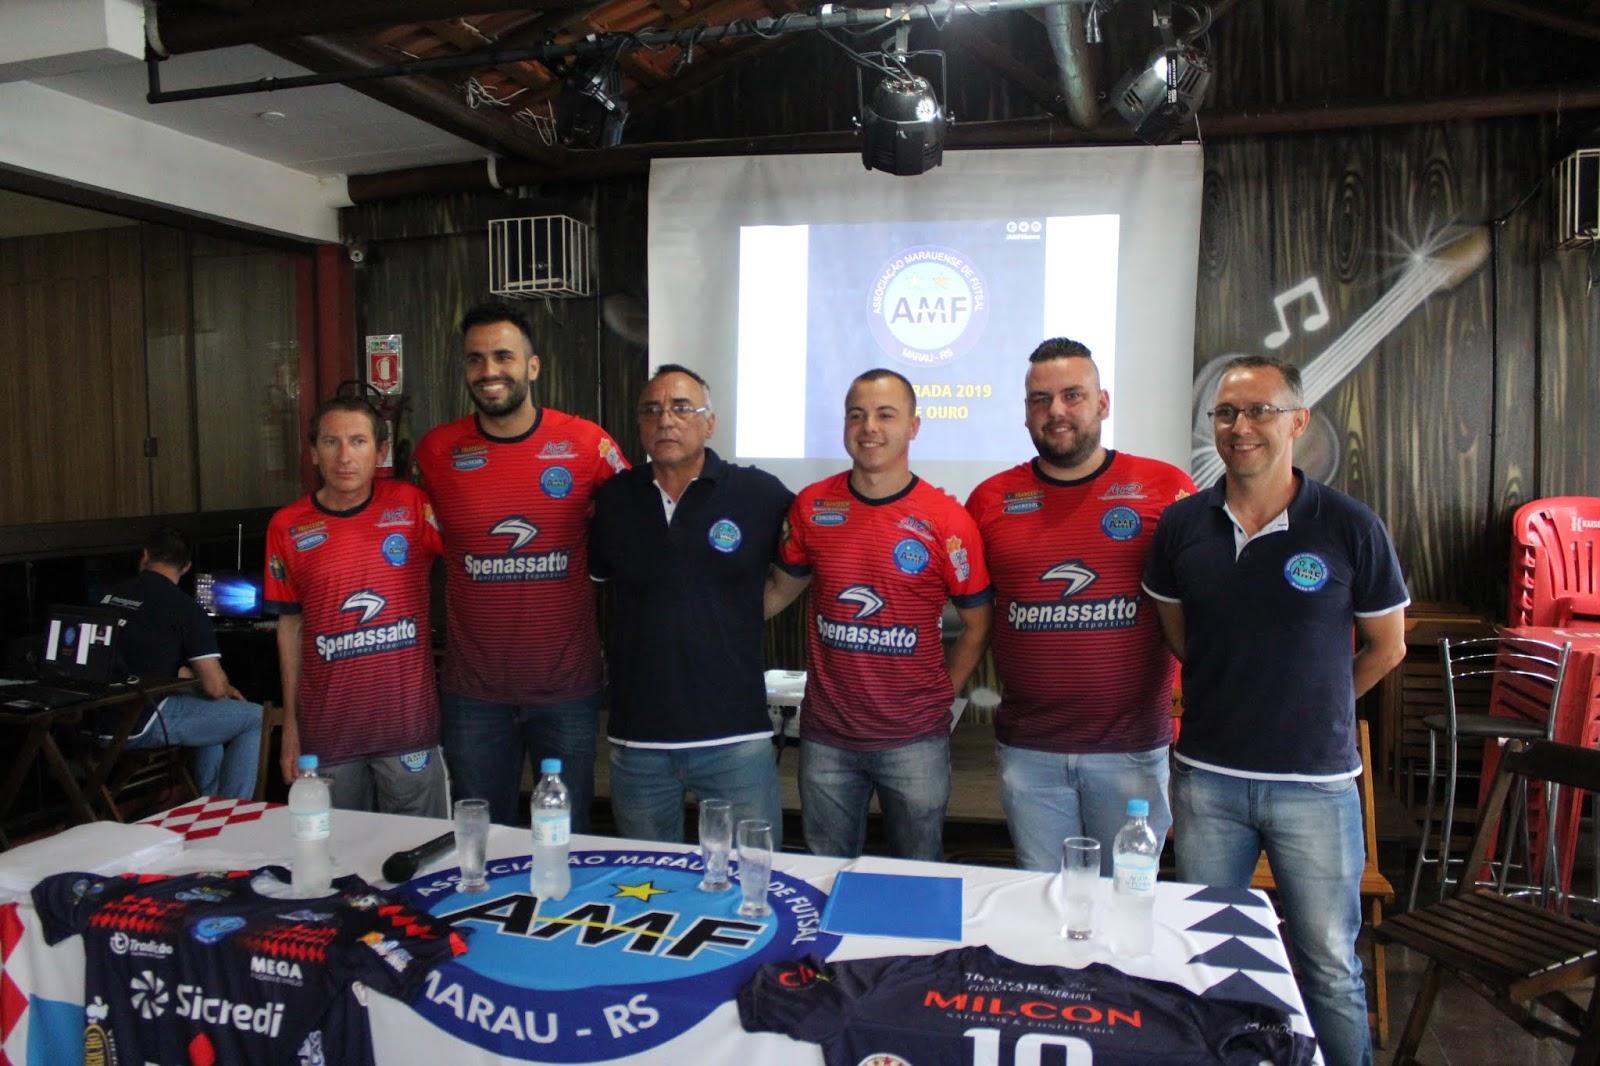 Associação Marauense de Futsal - AMF  AMF anuncia novidades para a ... d5bfe87bd762a